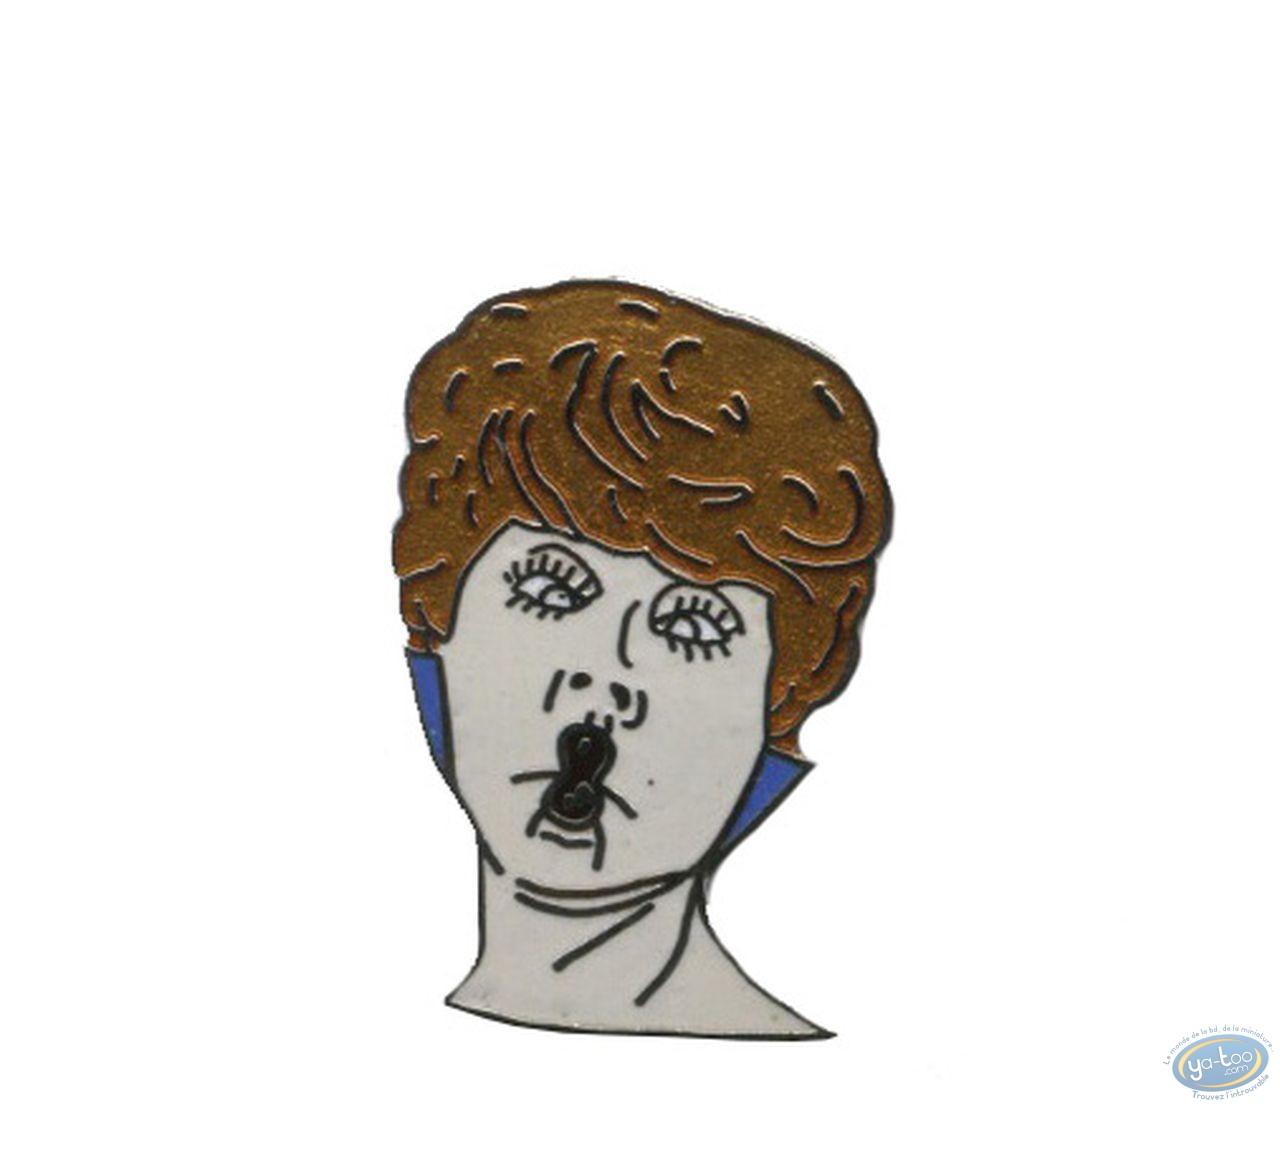 Pin's, Woman kiss (white)